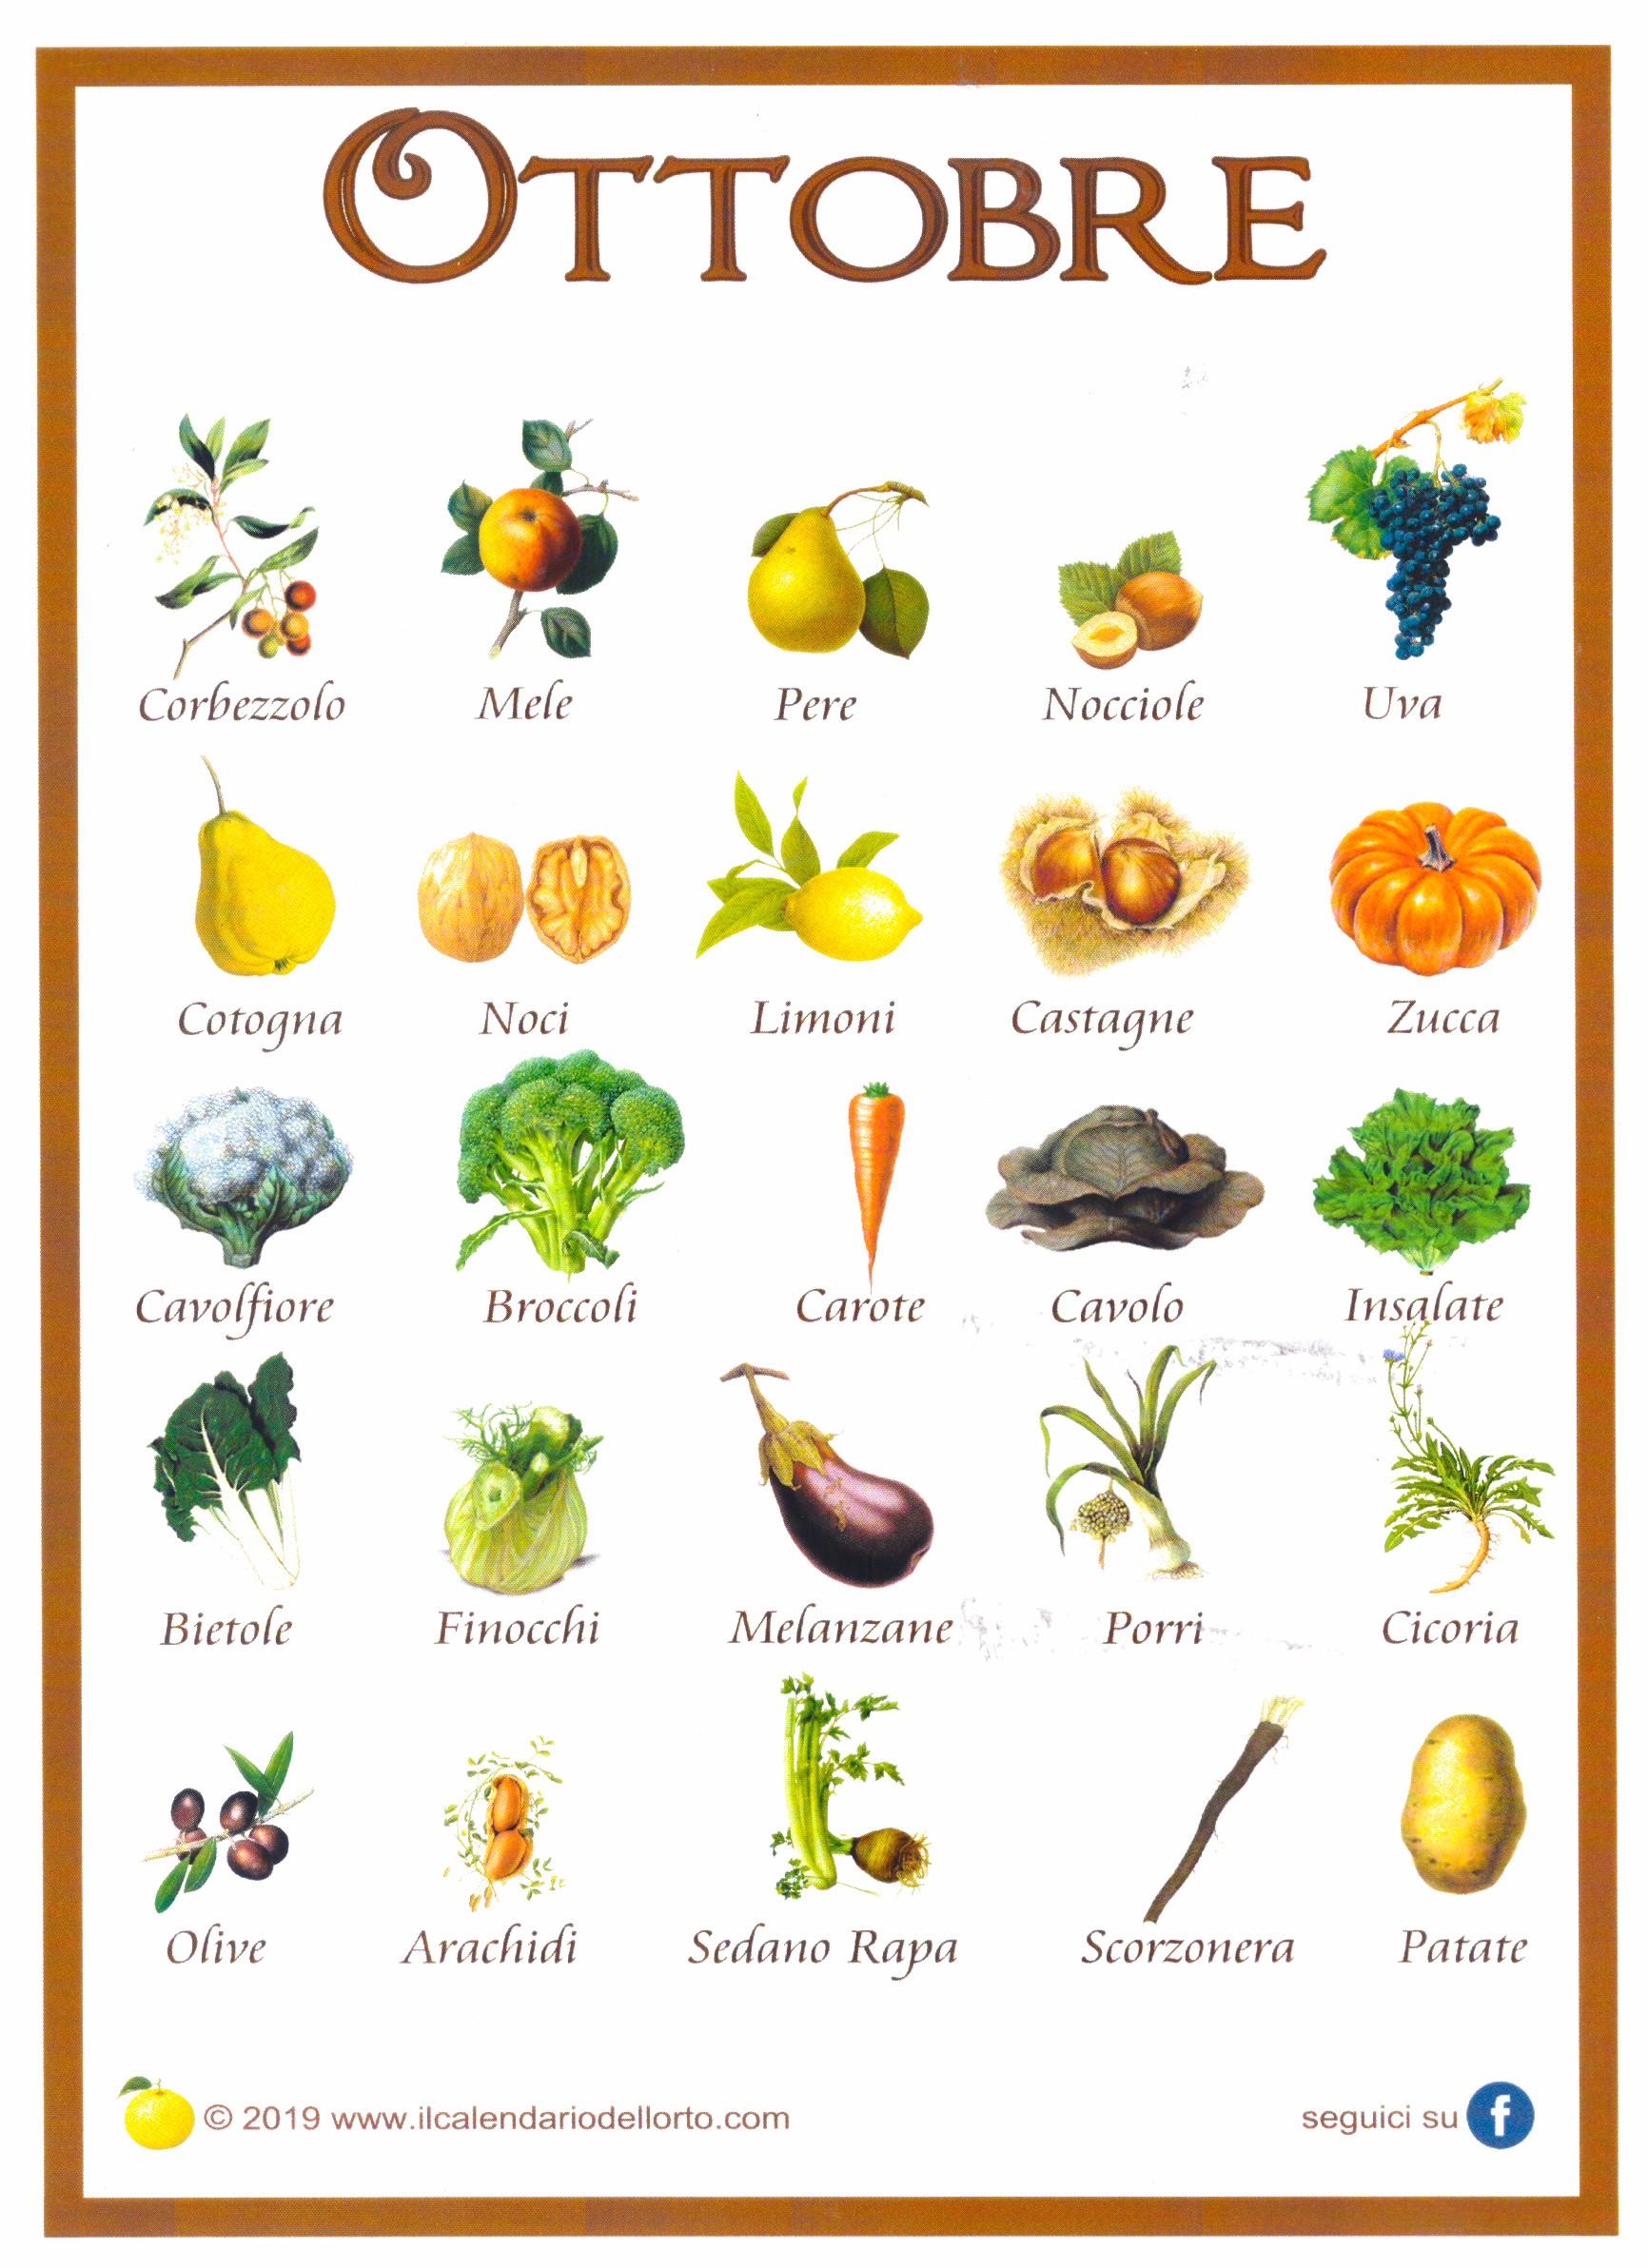 La frutta e la verdura di Ottobre